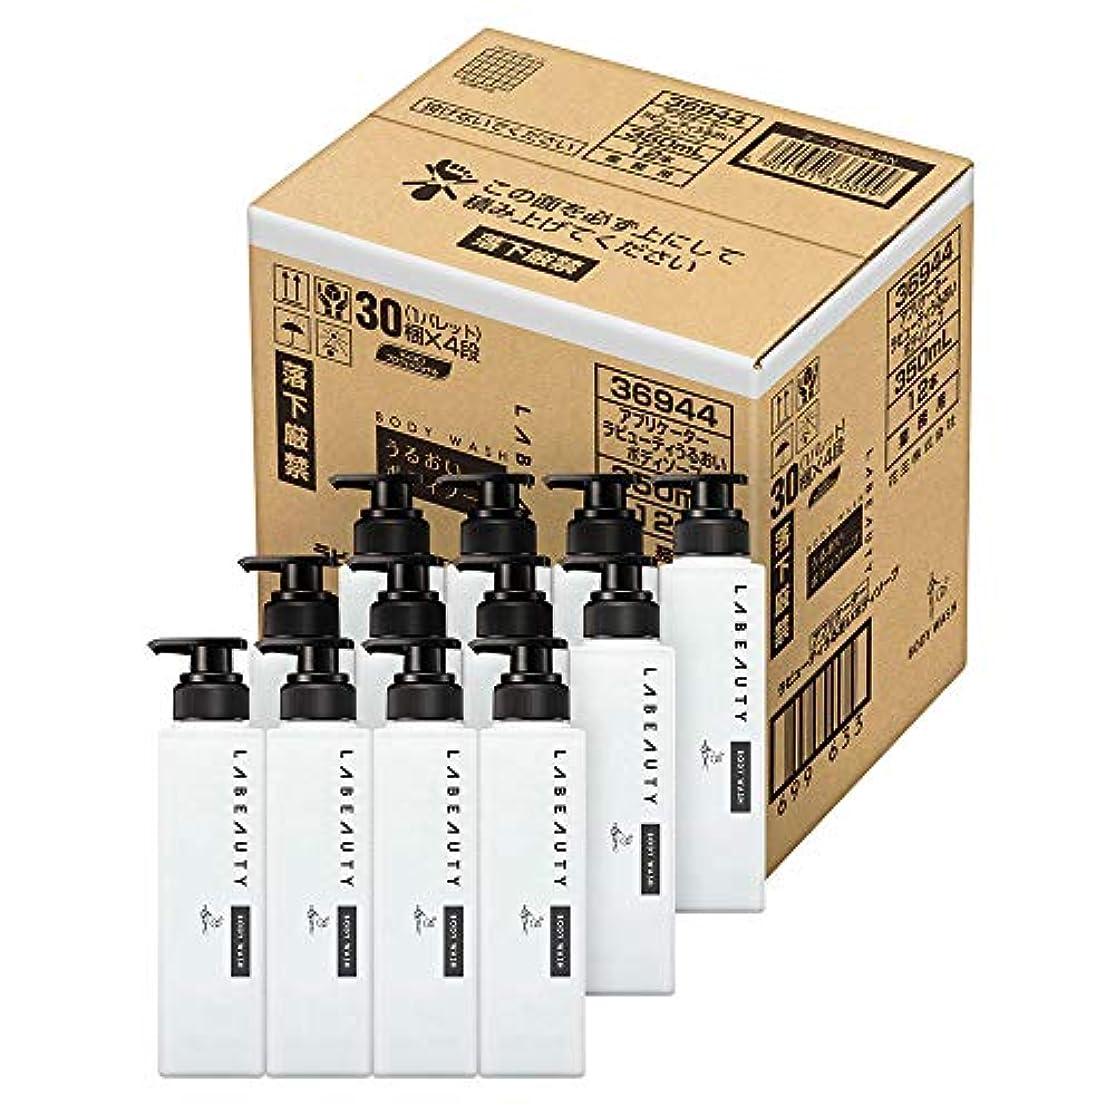 細分化する羊鉛筆【業務用 ケース販売】 ラビューティ ボディソープ アプリケーター (350ml×12本) 業務用